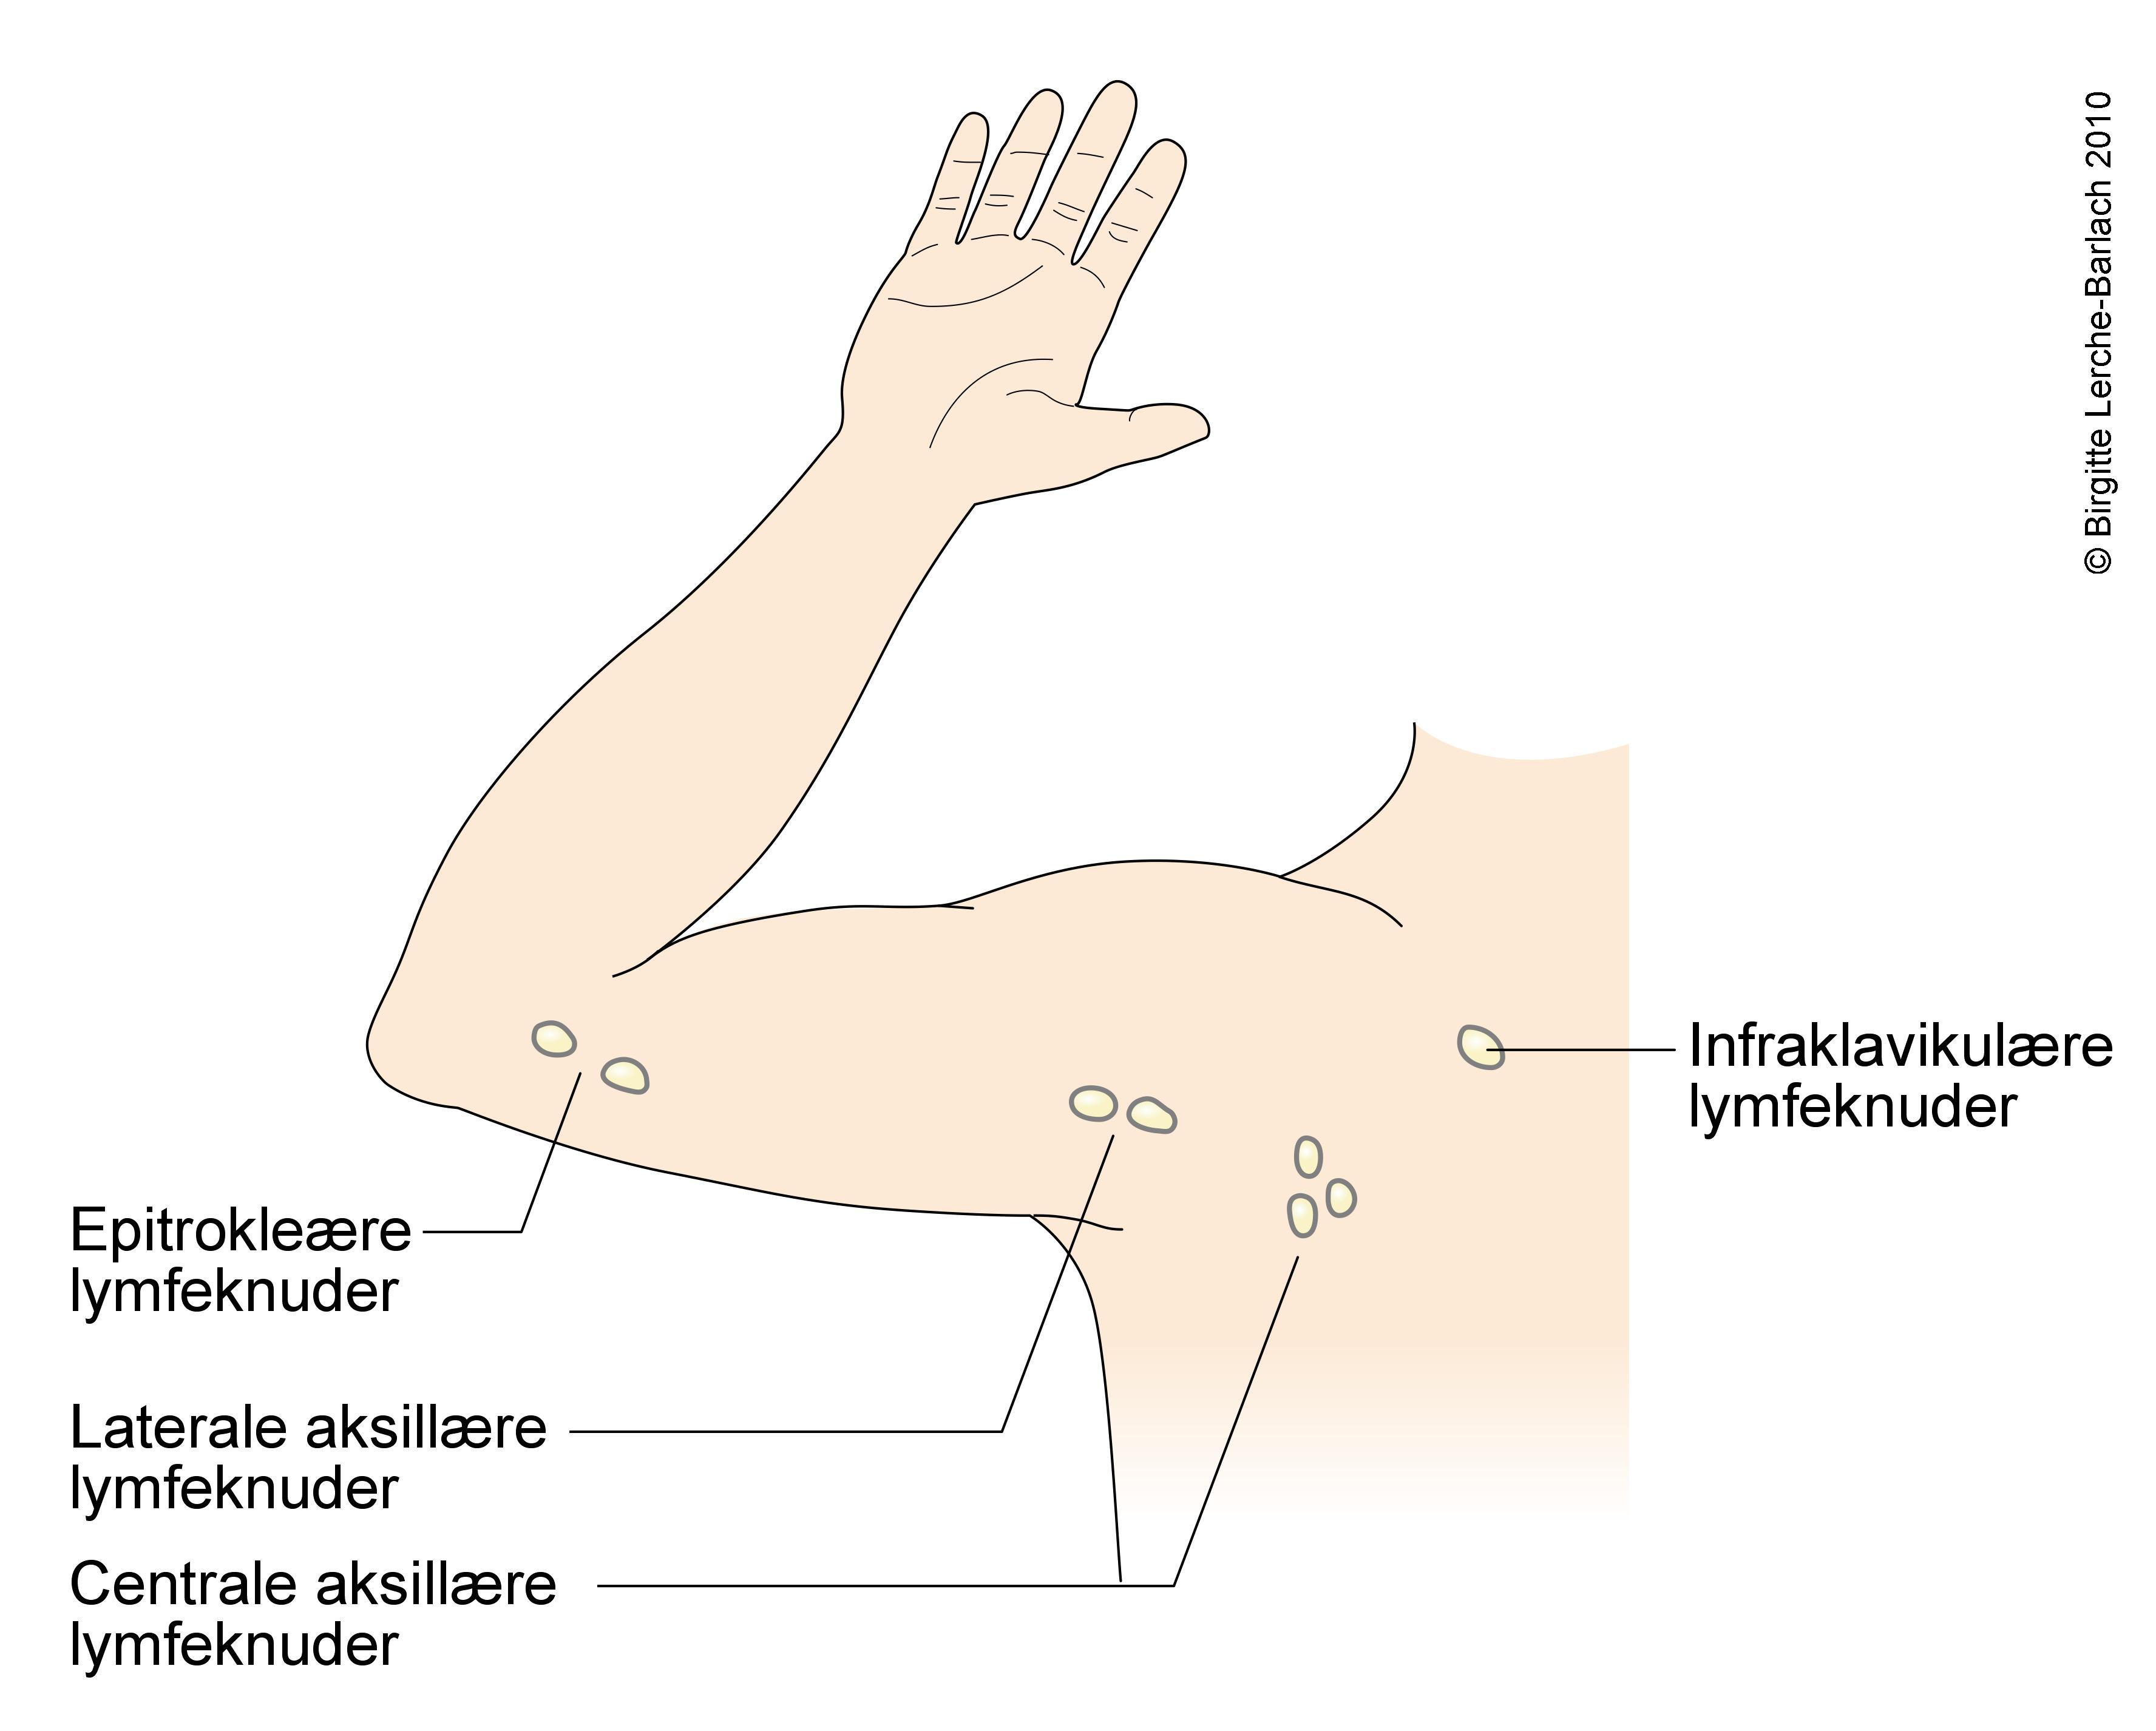 Lymfekirtler i lysken hævede Hvad forårsager